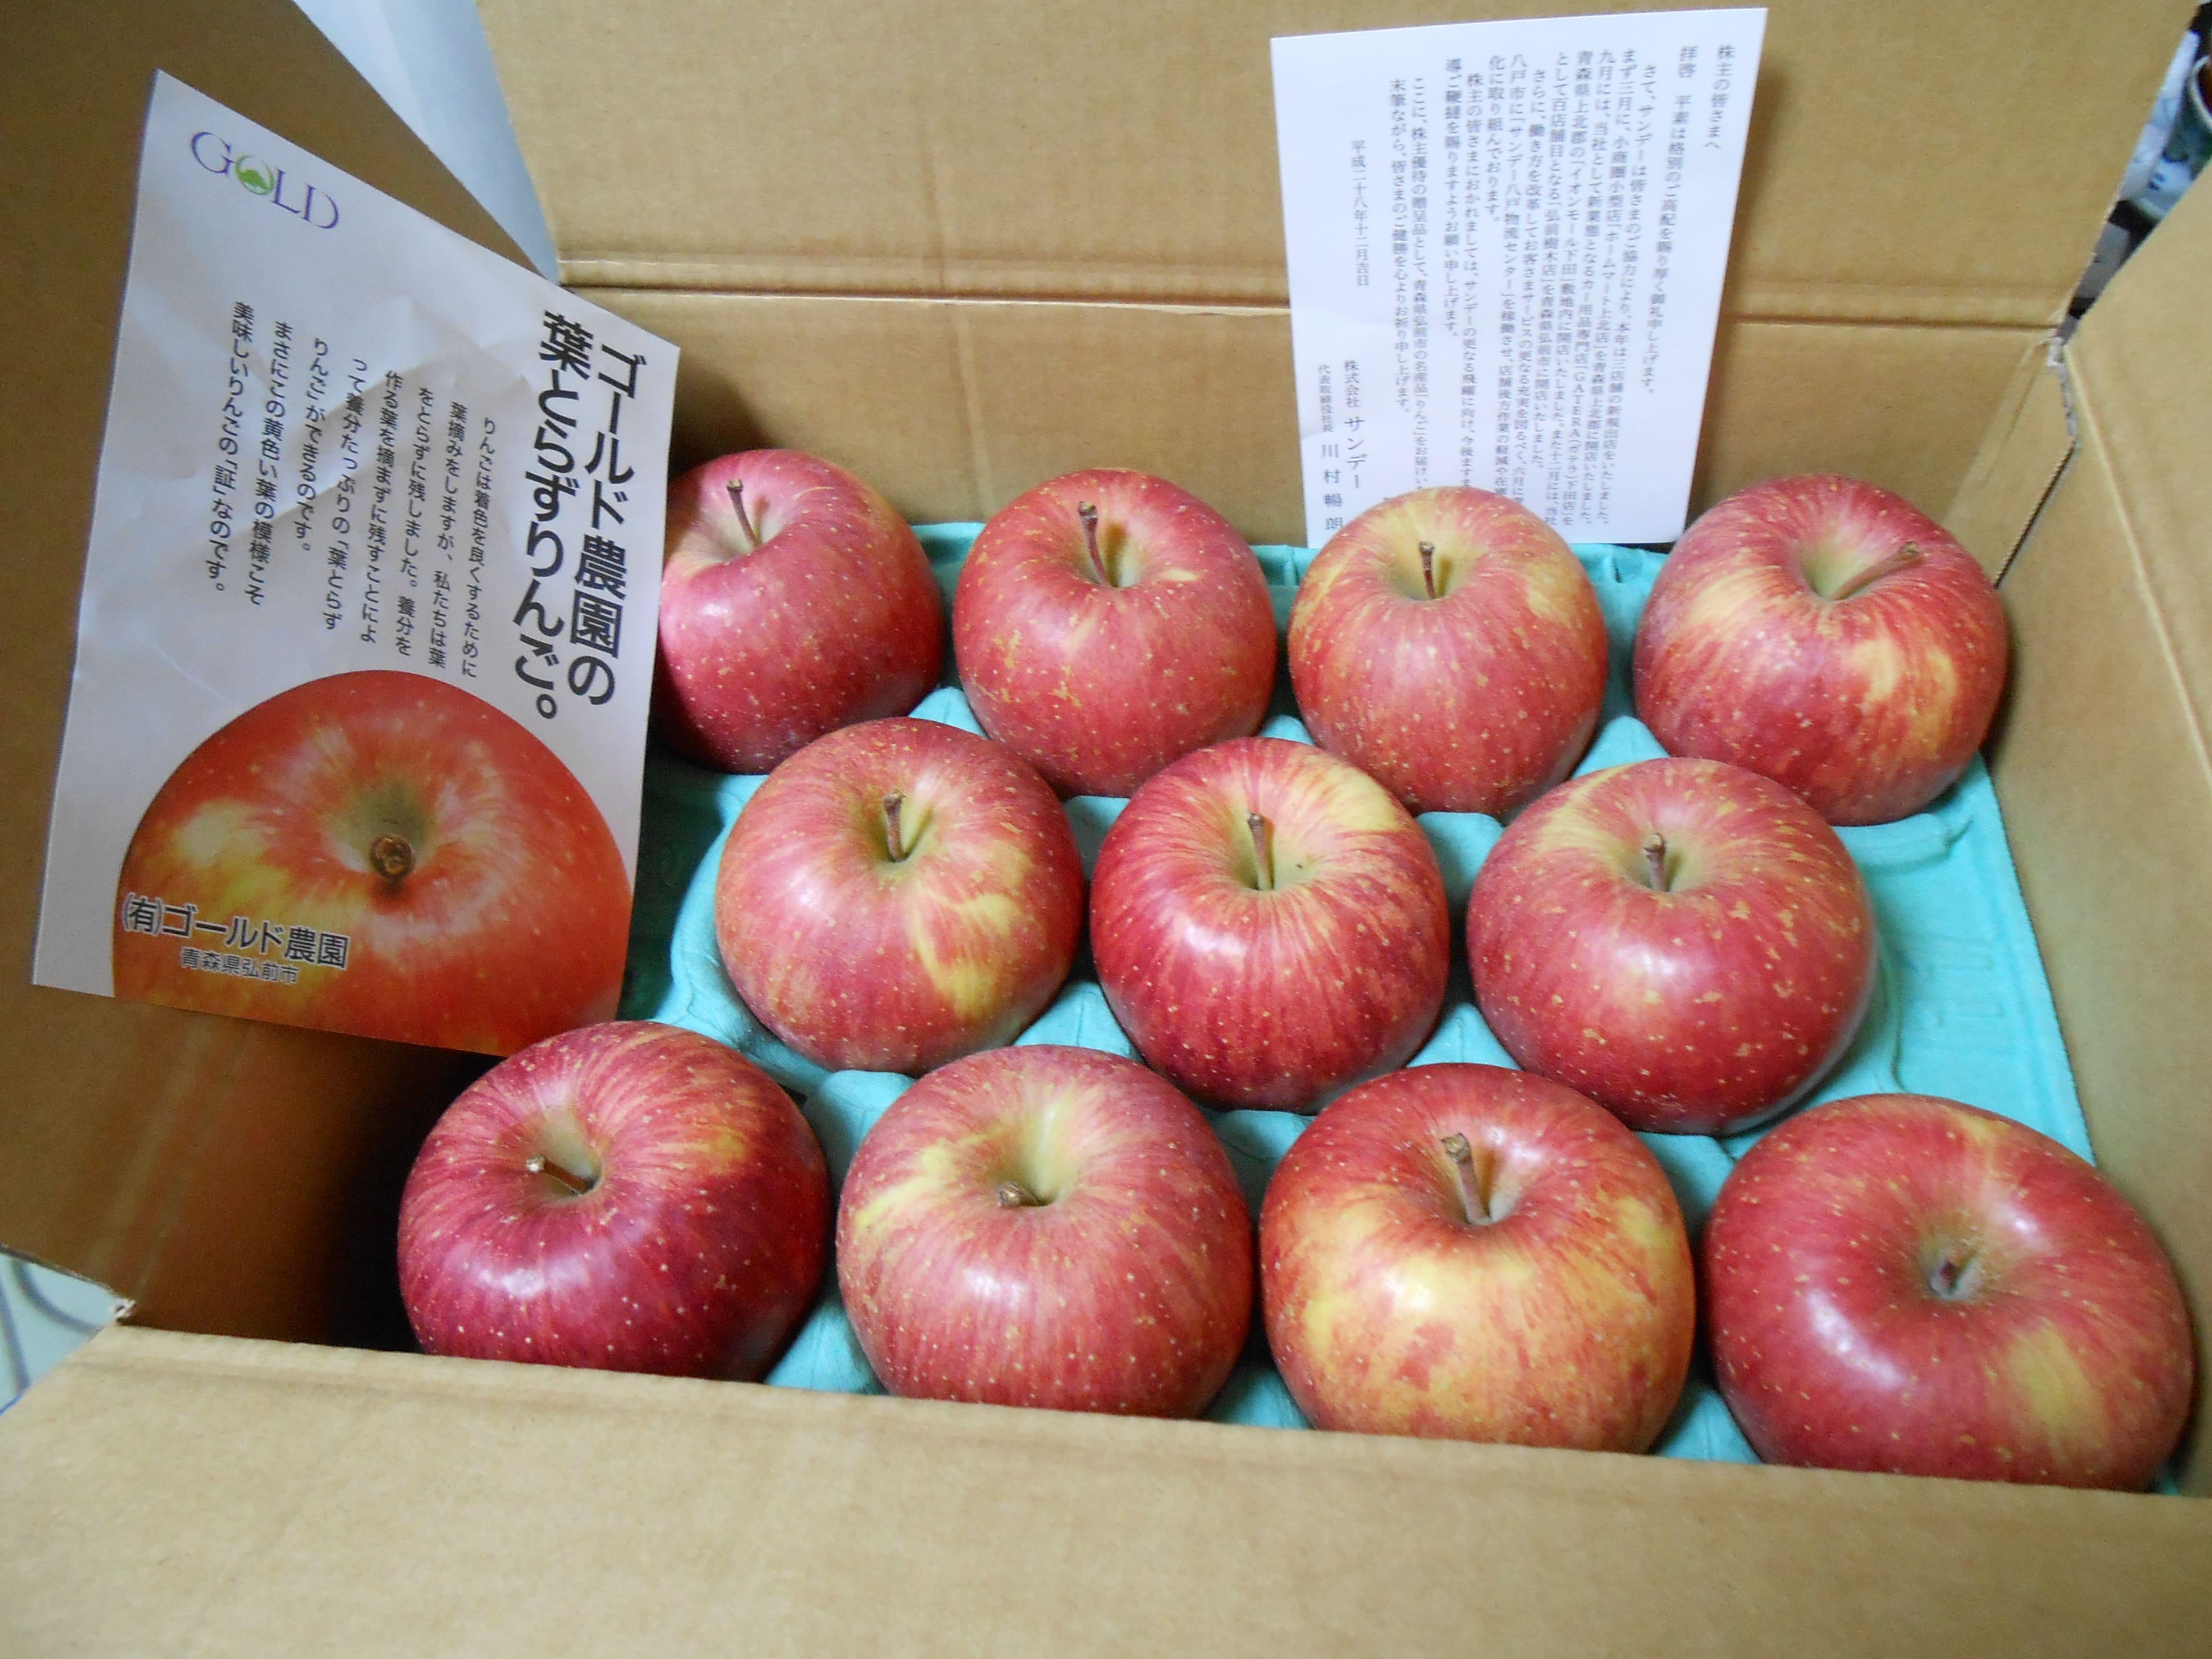 国立市の西舘様からりんごをご寄贈いただき、武蔵野児童学園にお届けしました(2016/12/11)